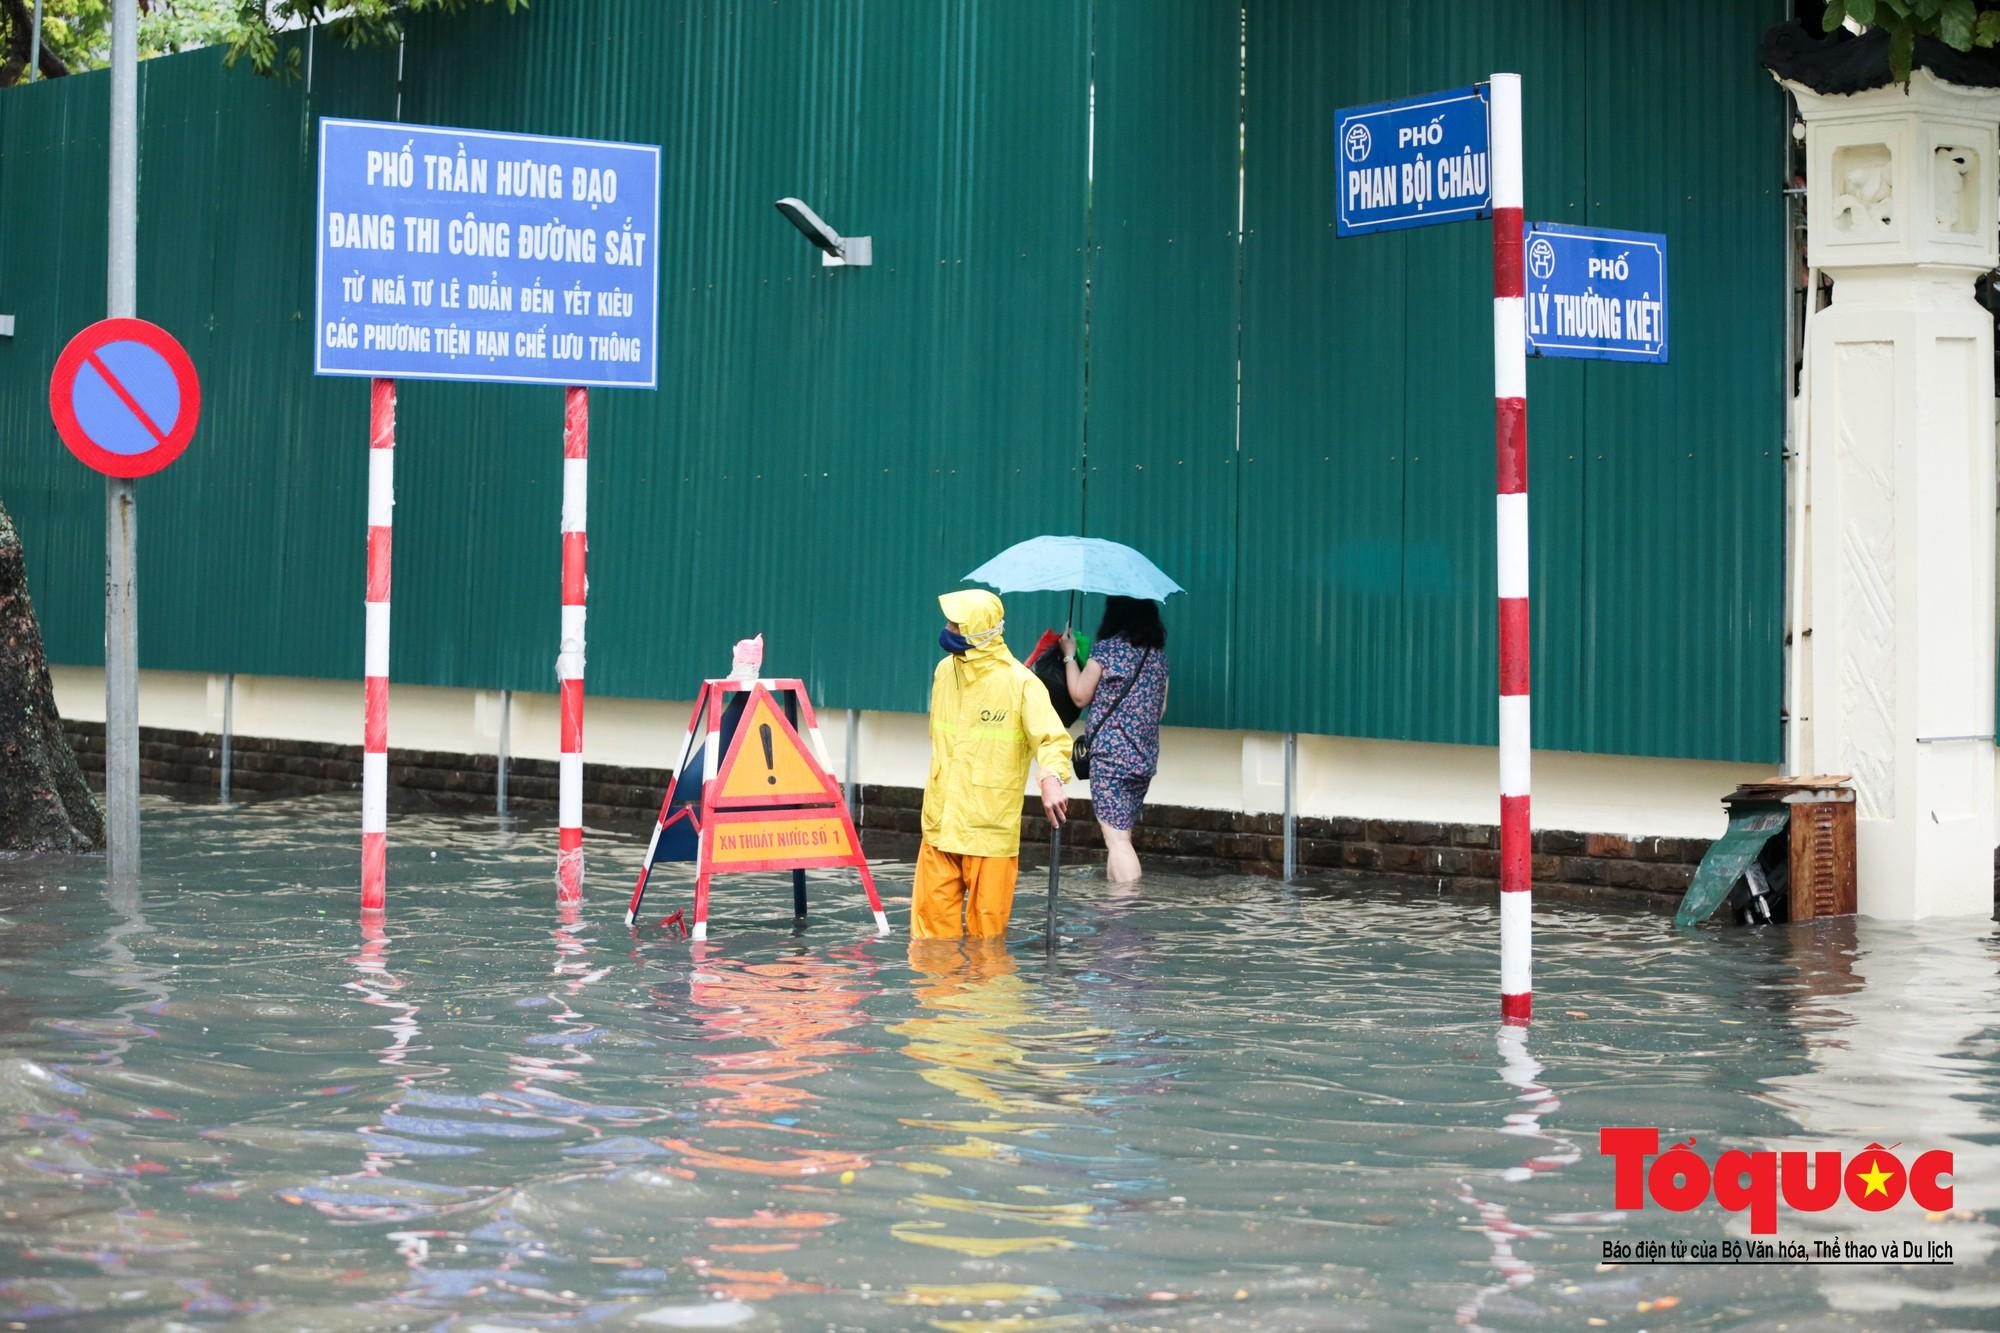 Hà Nội mưa lớn bất ngờ, nhiều tuyến đường lại ngập trong sâu biển nước1